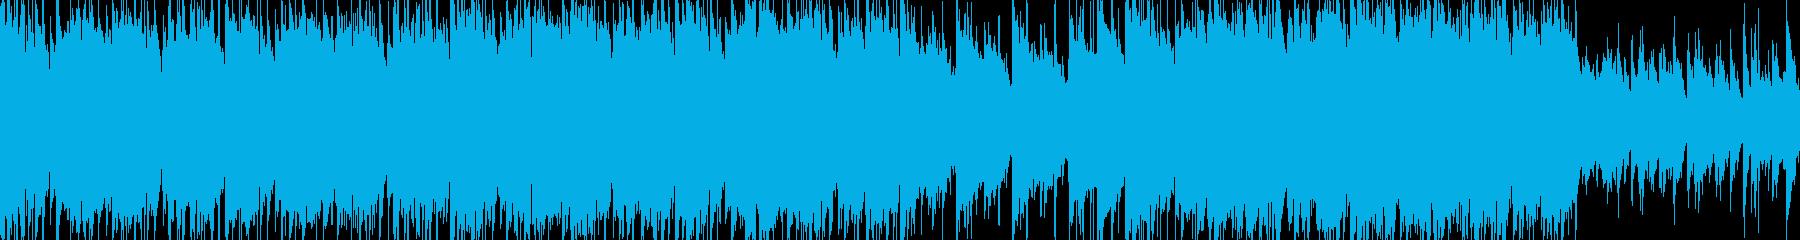 キャッチーピアノ、バイオリンメロの再生済みの波形